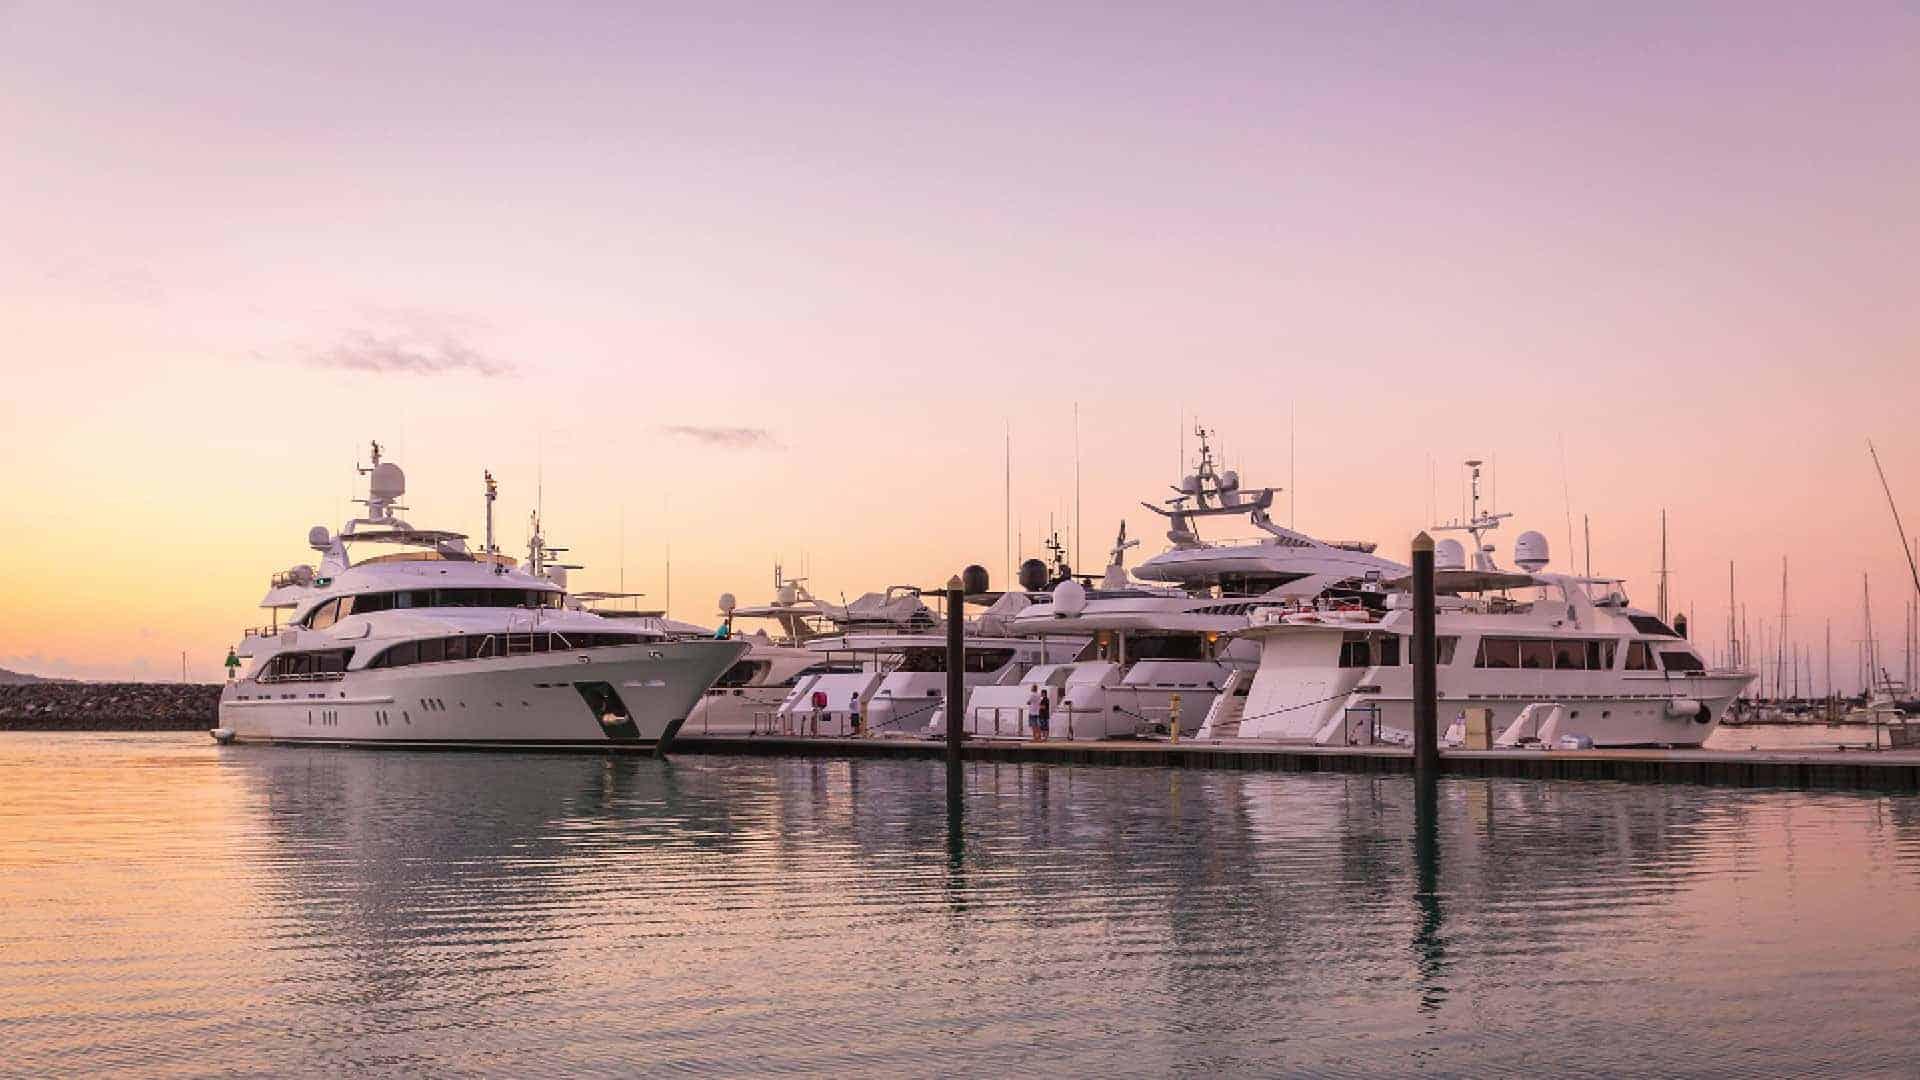 Superyacht berthing up to 90m